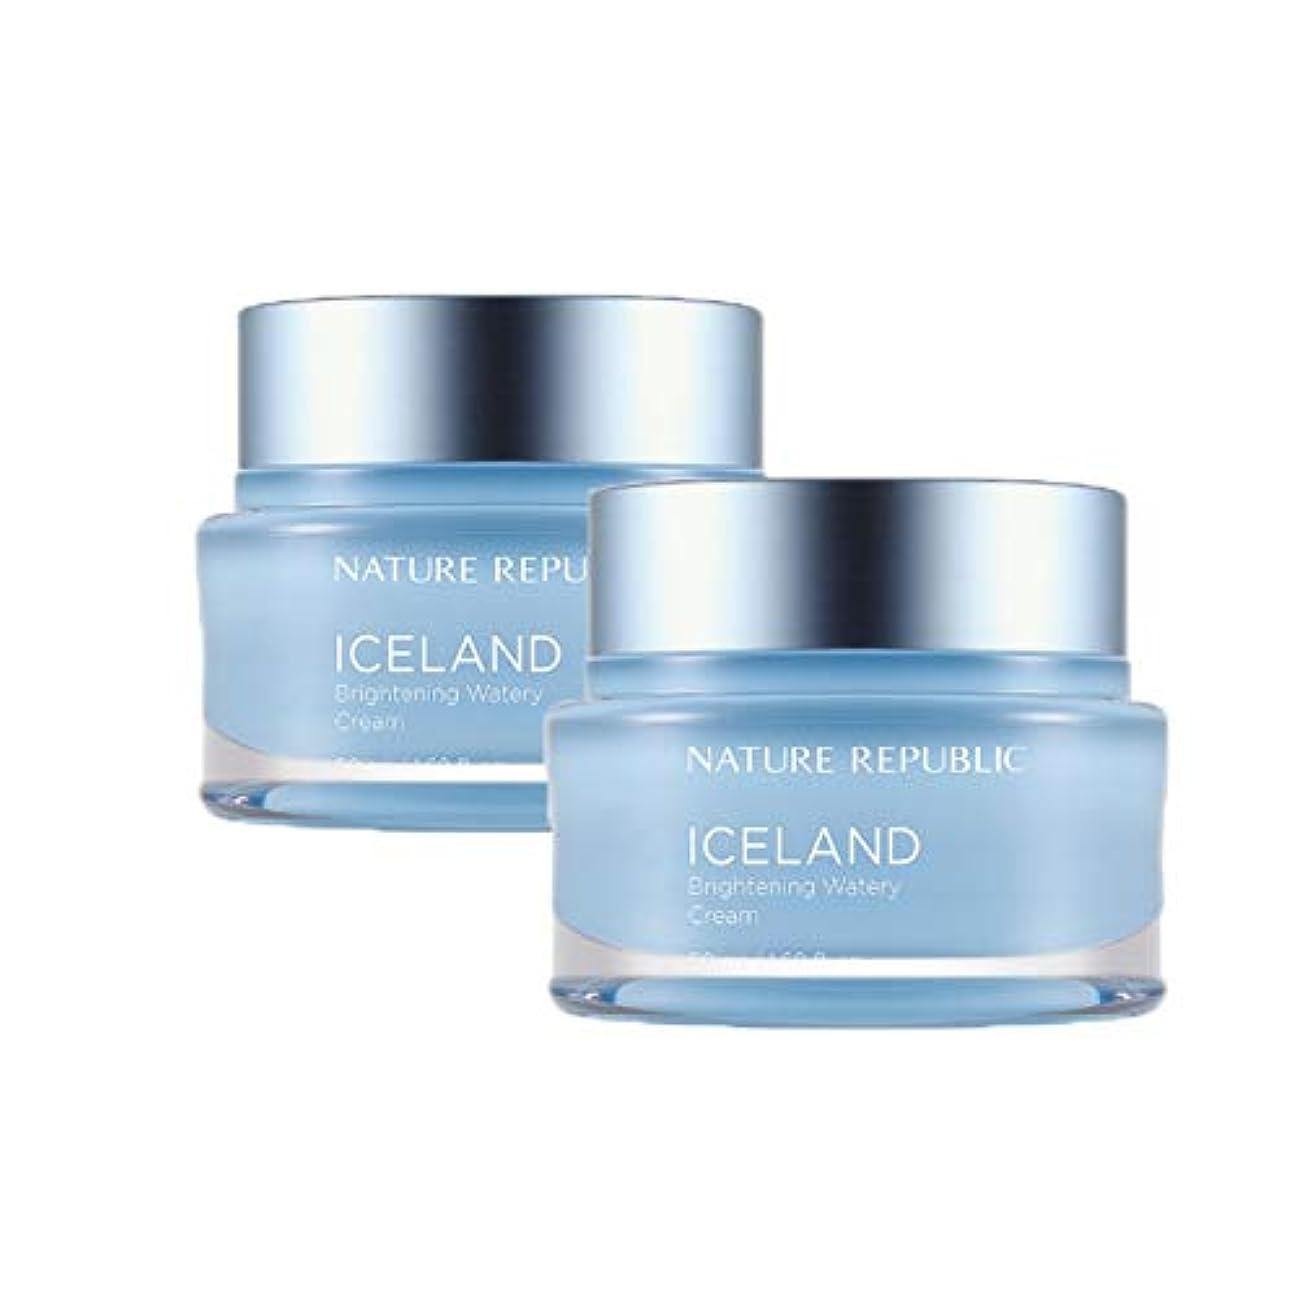 発言するギャザーなるネイチャーリパブリックアイスランドブライトニング水分クリーム50mlx2本セット韓国コスメ、Nature Republic Iceland Brightening Watery Cream 50ml x 2ea Set...